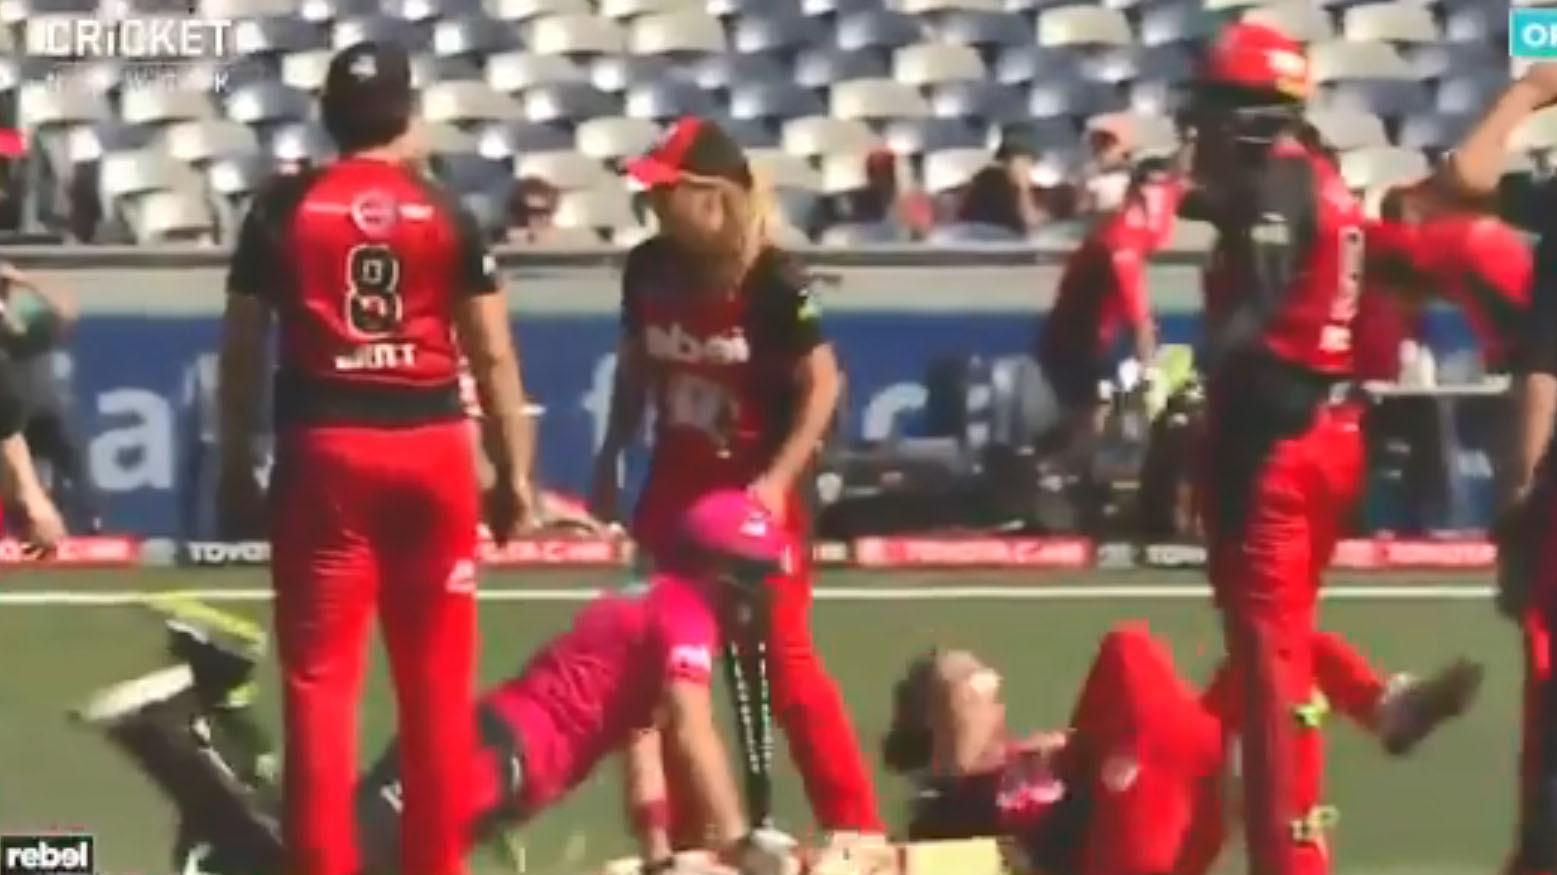 VIDEO : जश्न में मस्त विकेटकीपर की गलती पड़ी टीम को भारी, मैच हो गया टाई